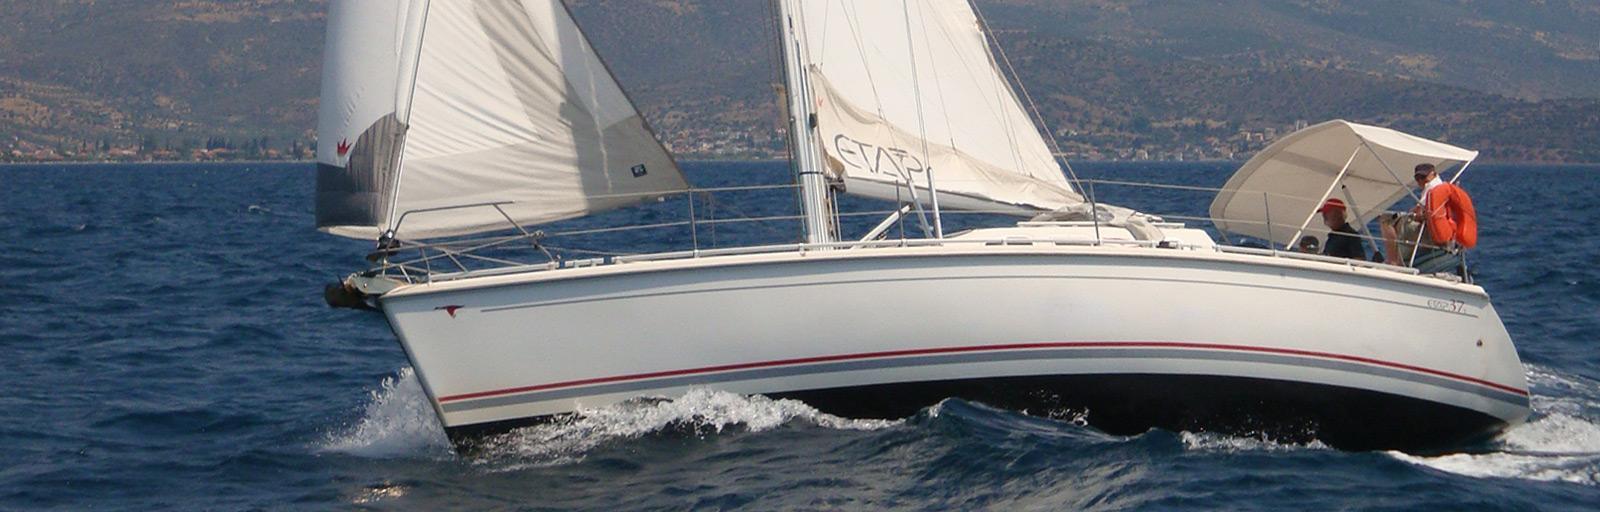 Etap 37 S - AYC Yachtbroker